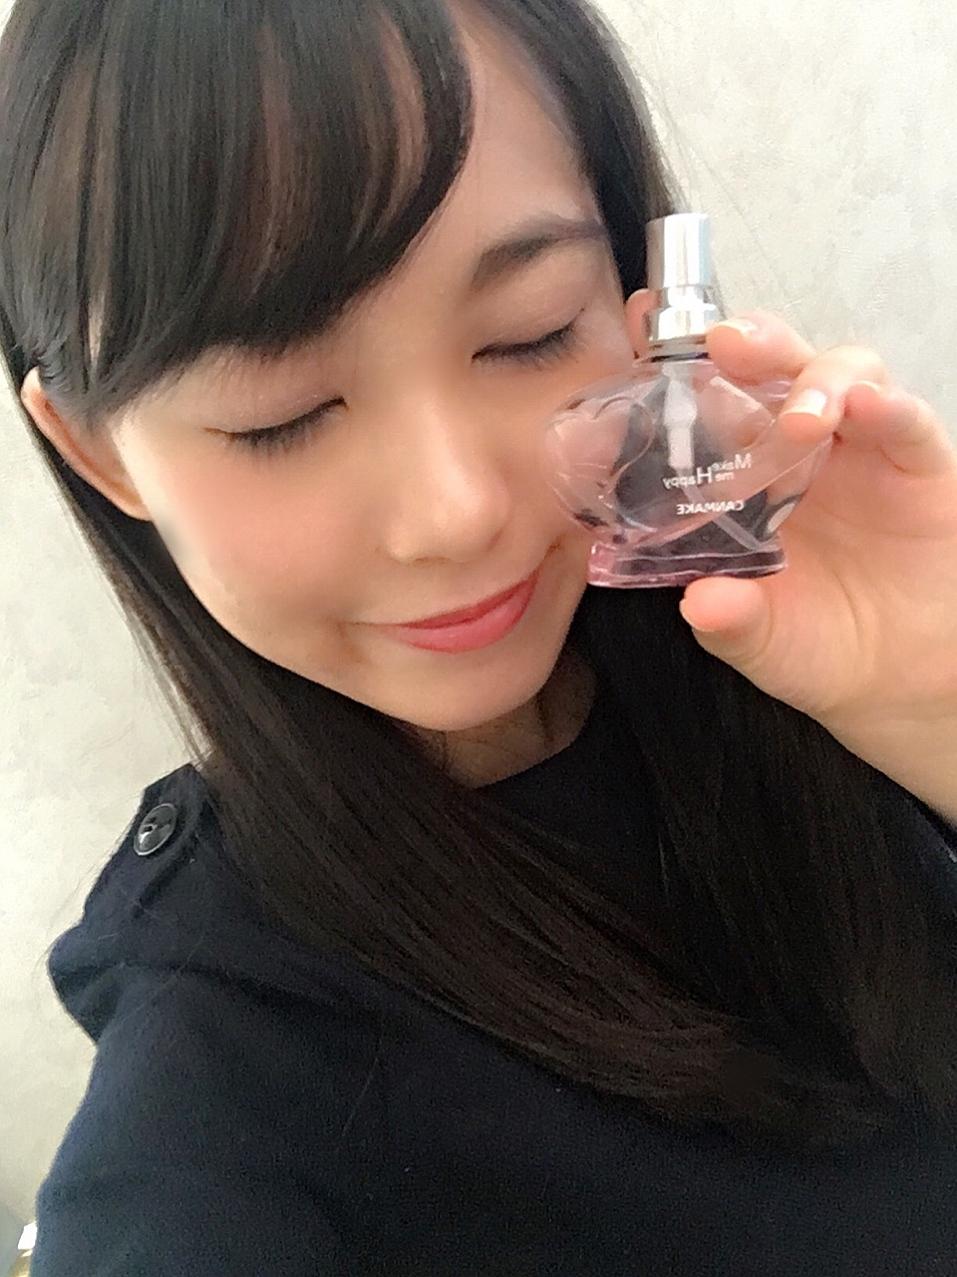 髪からふわっと漂う甘い香りもプチプラ♡canmakeの香水_1_1